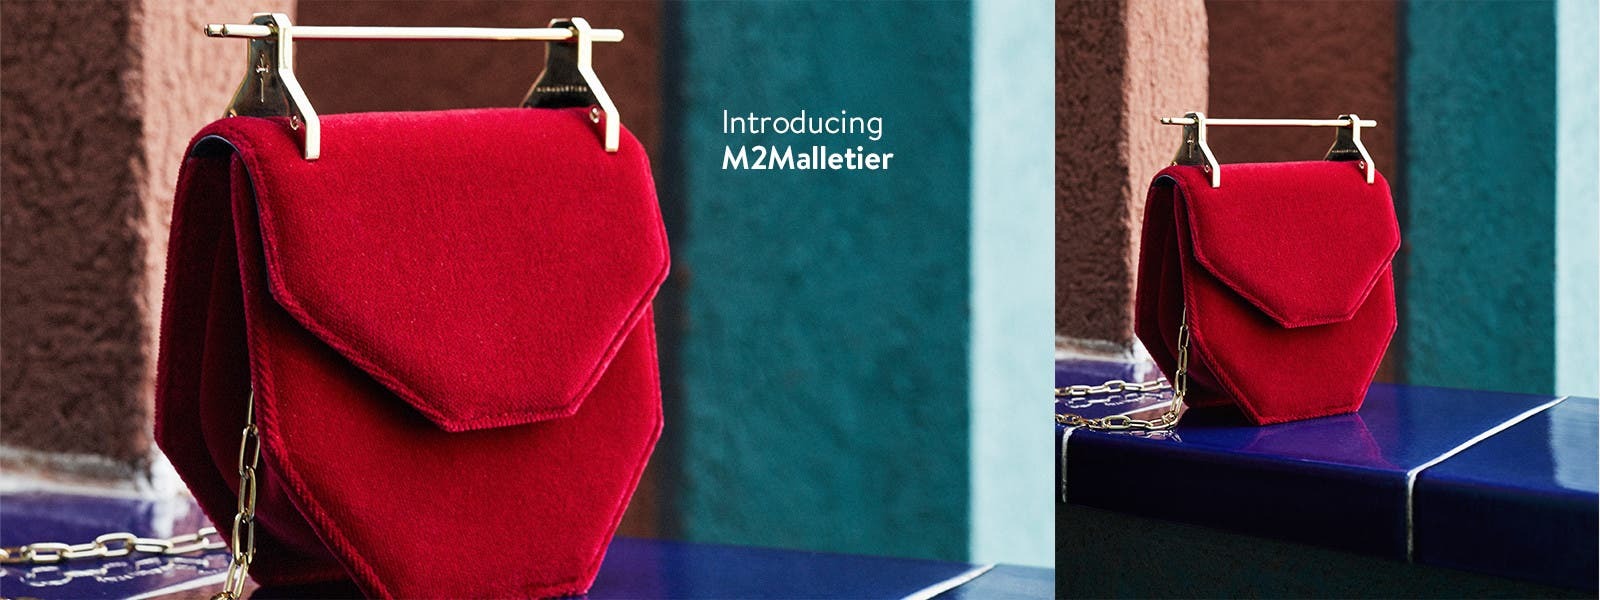 Introducing M2Malletier handbags, online now.